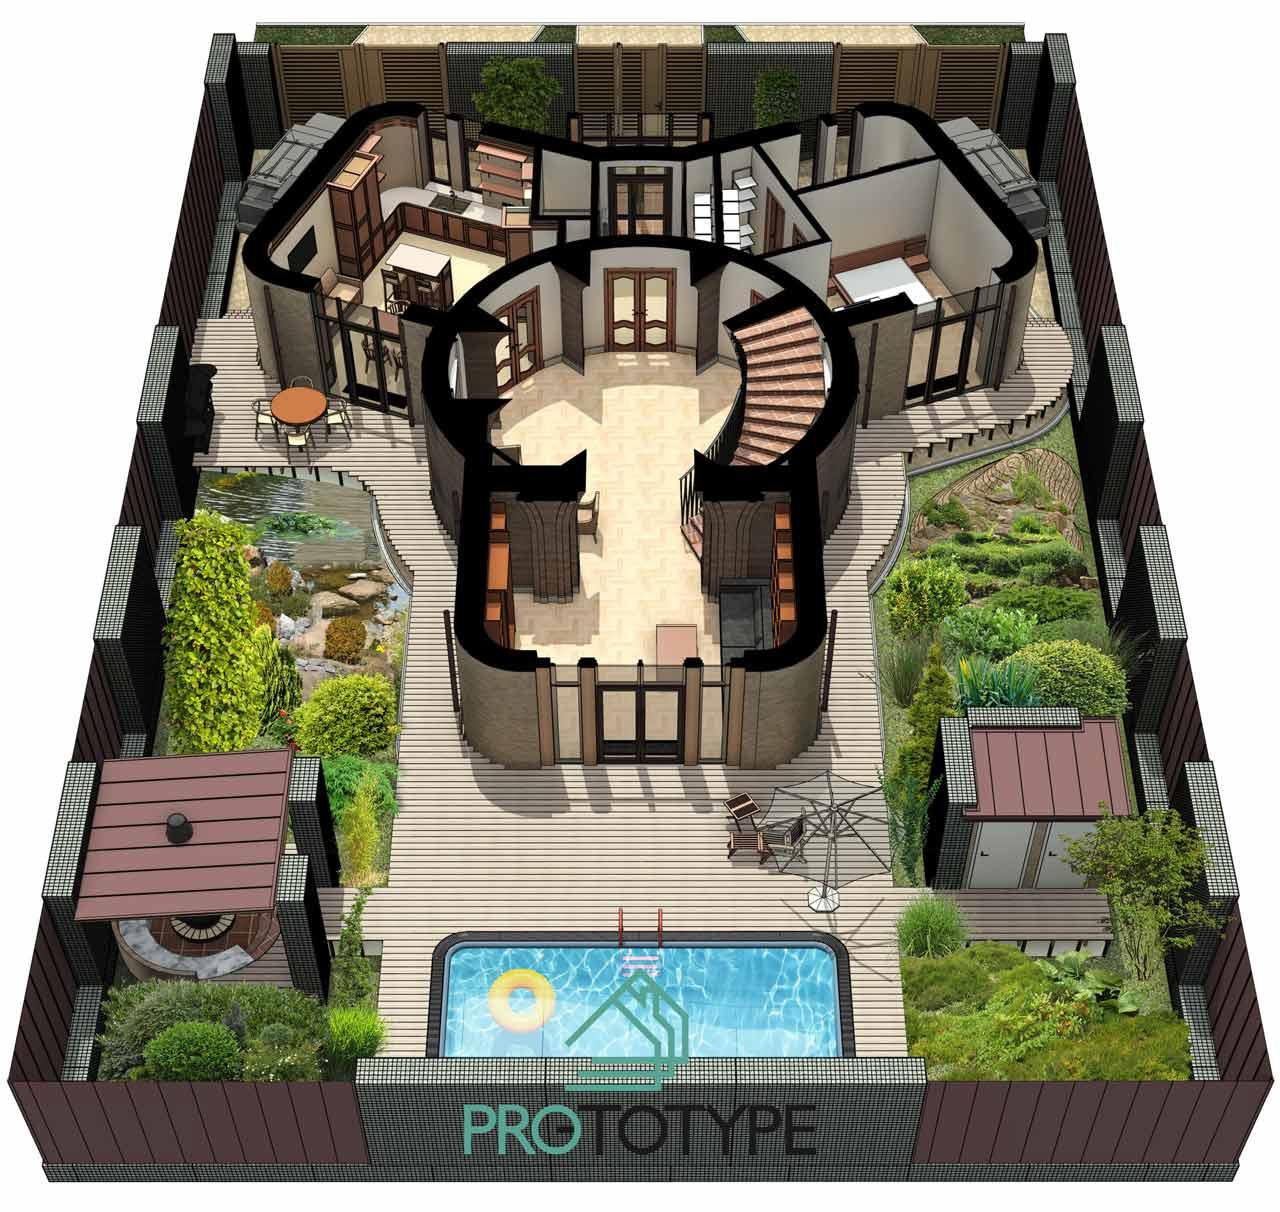 Заказать проект дома с архитектурой, дизайном и ландшафтом